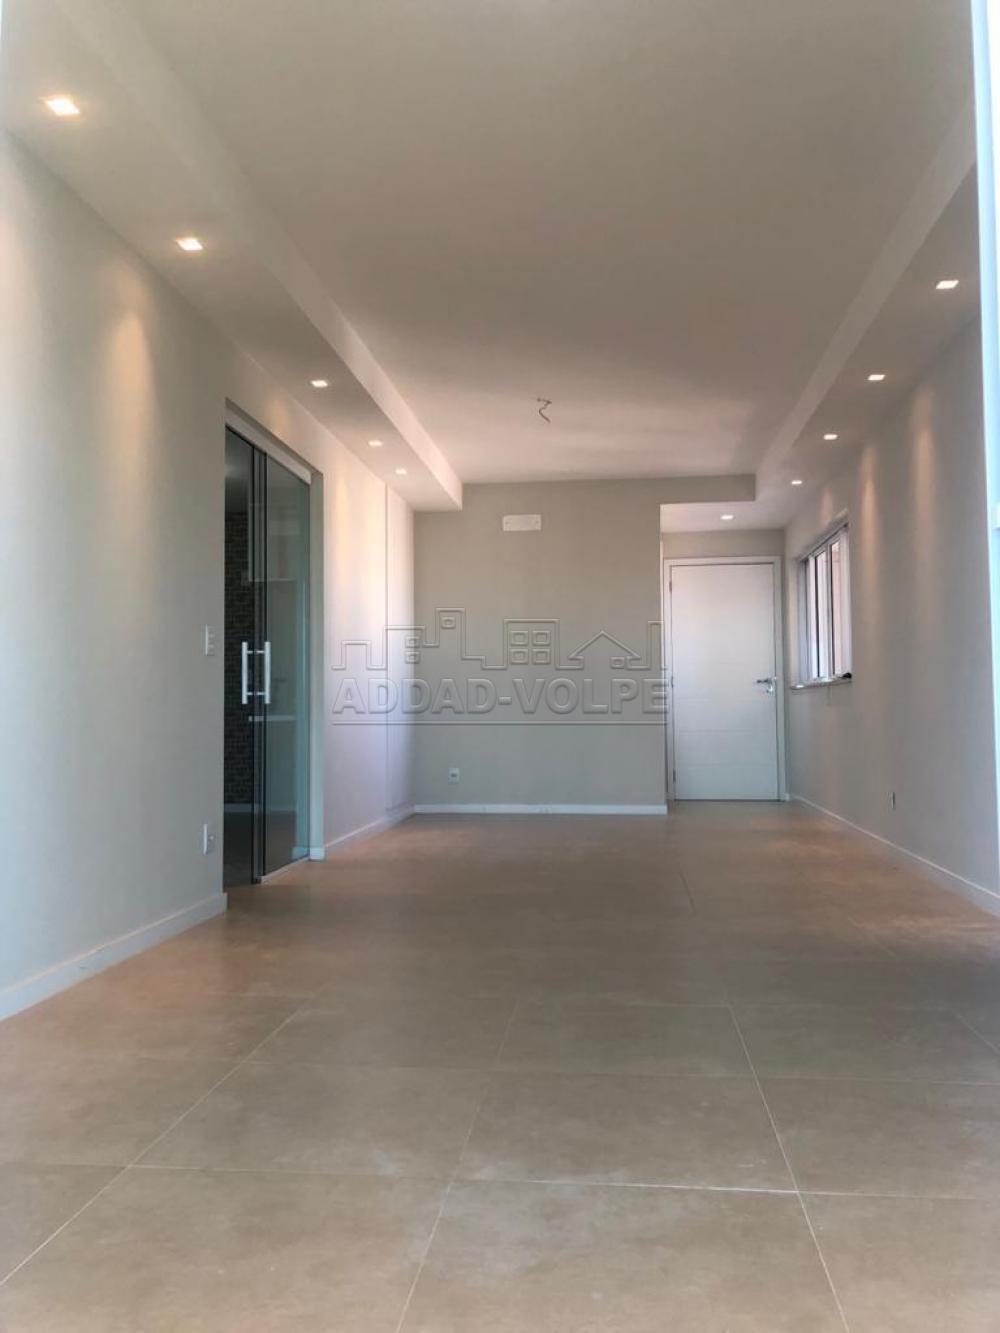 Comprar Apartamento / Padrão em Bauru R$ 990.000,00 - Foto 5